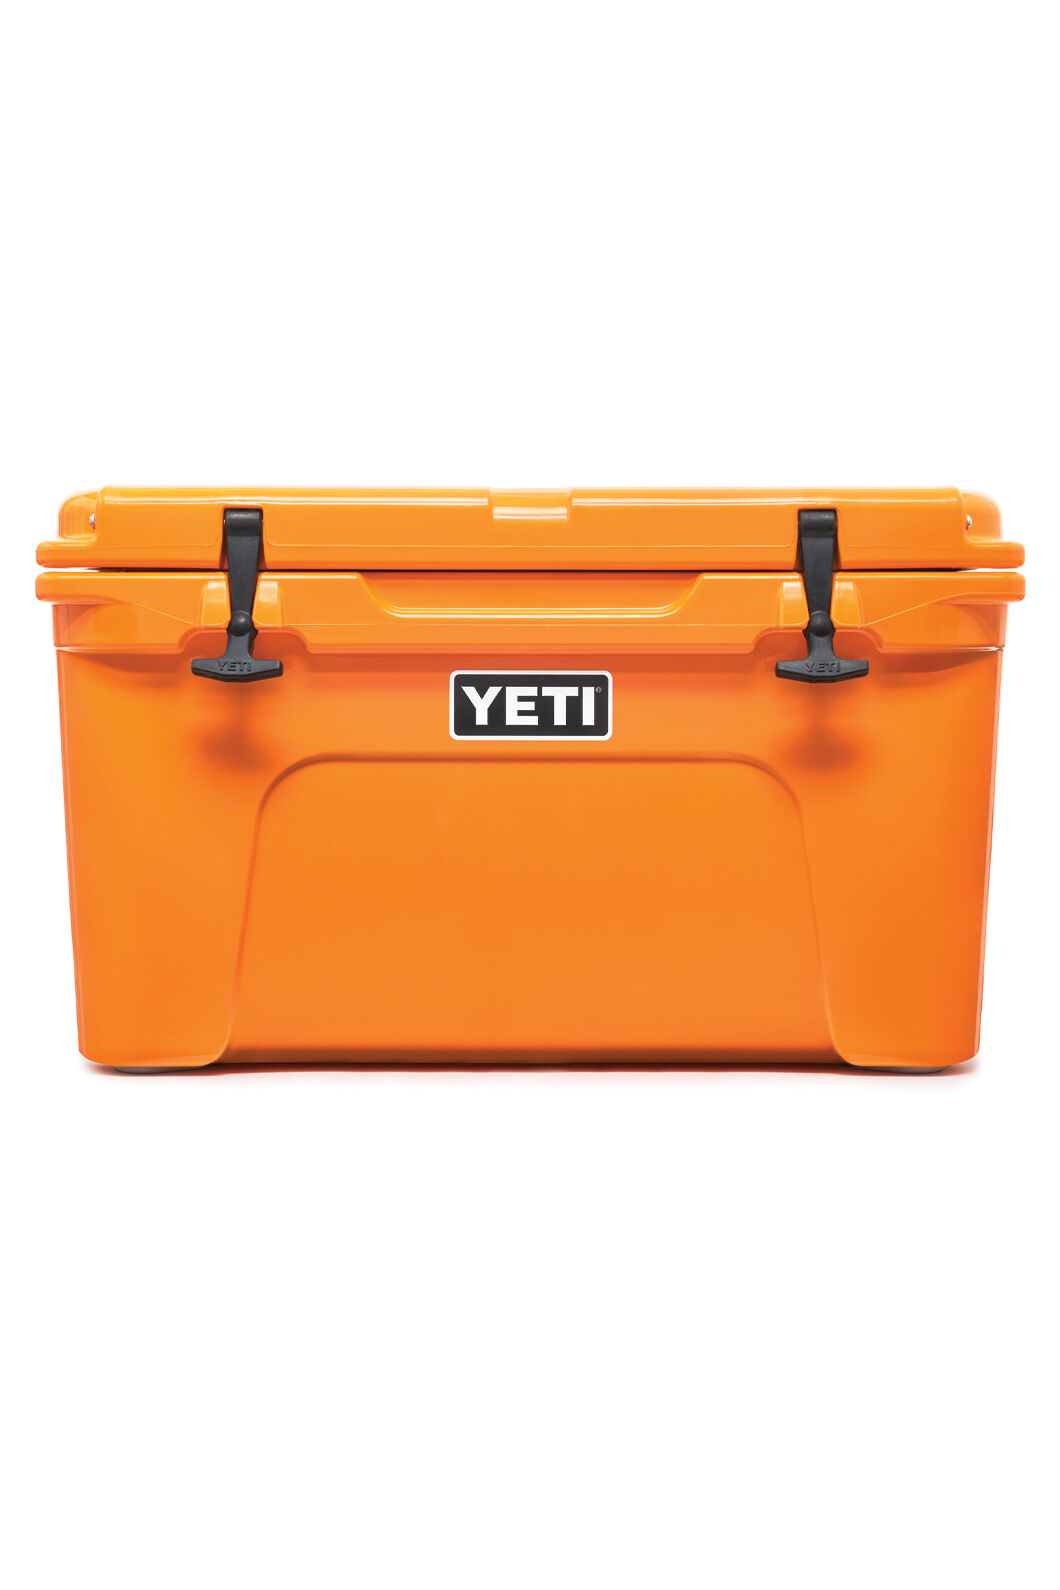 YETI® Tundra 45 Hard Cooler, King Crab Orange, hi-res